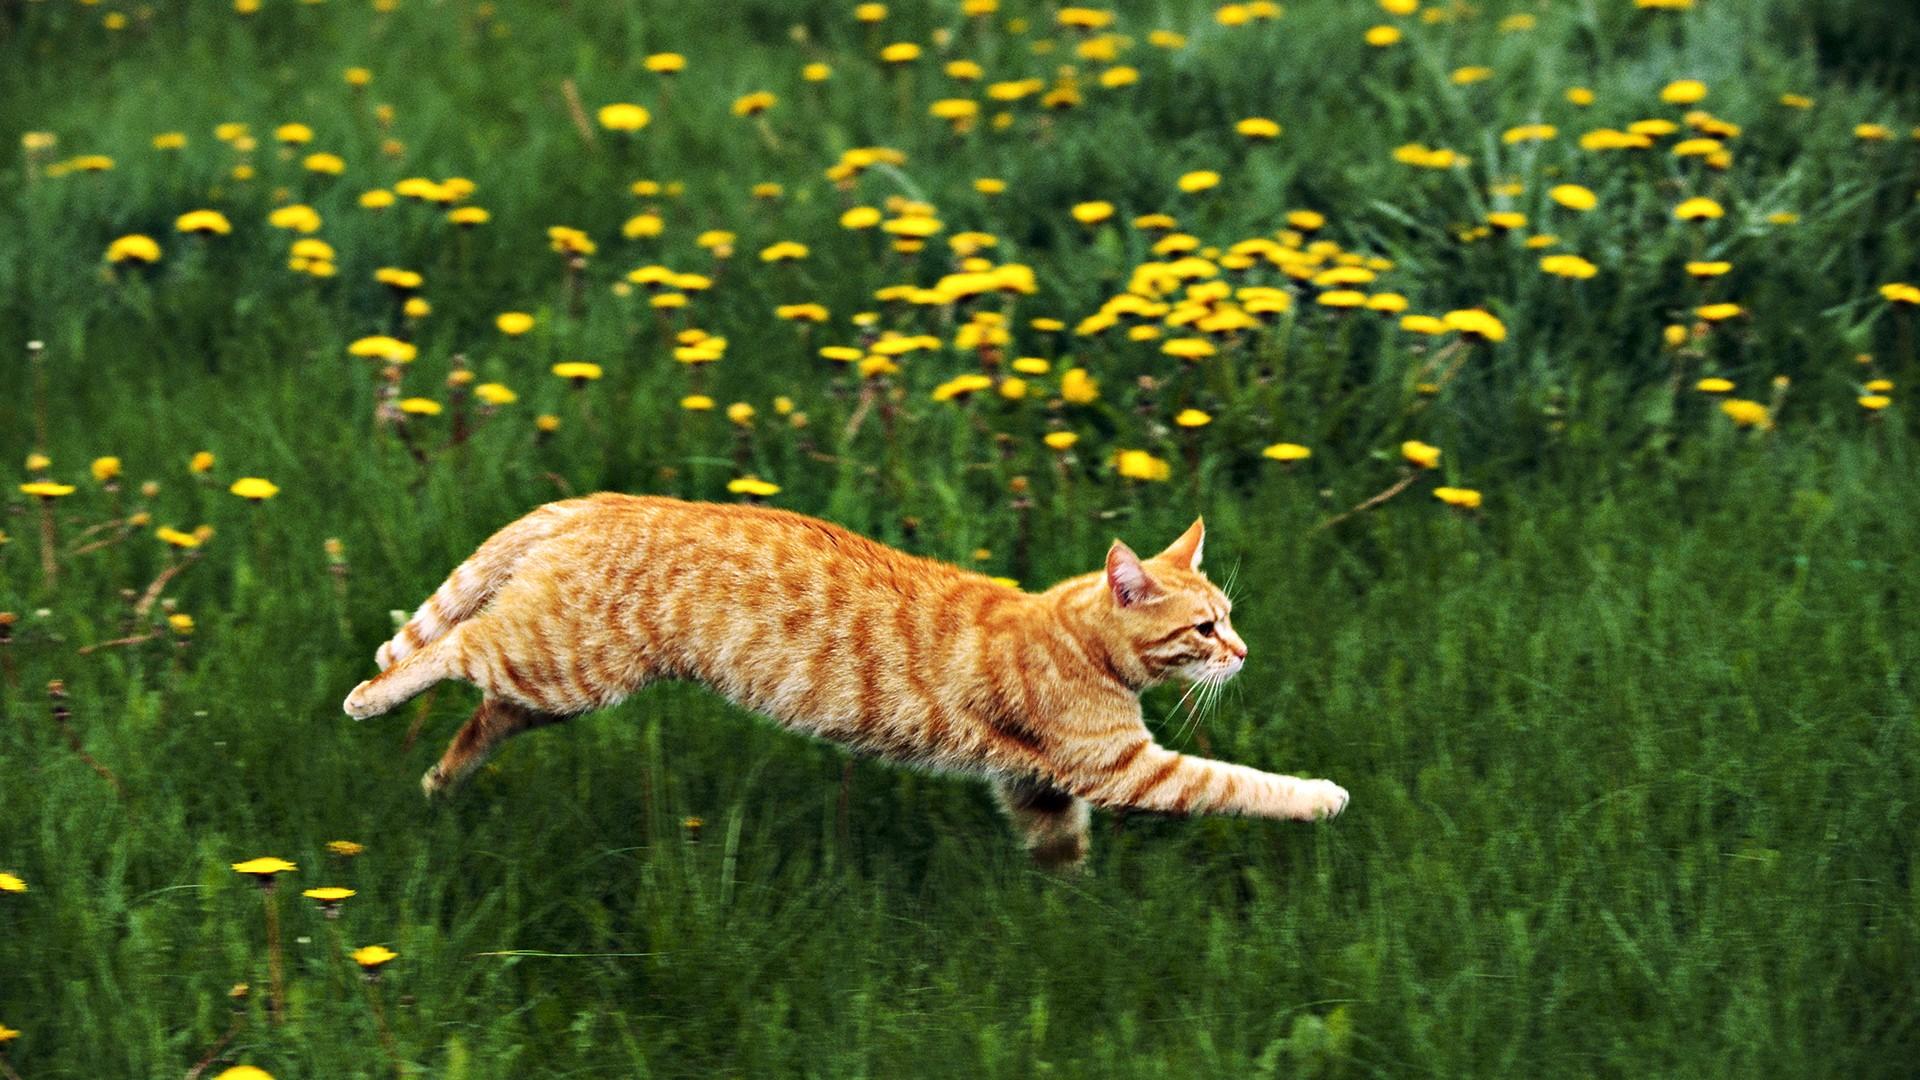 Статьи про кошек и собак.  Фотогалерея.  Доска объявлений.  Собаки, Щенки, фото кошек...